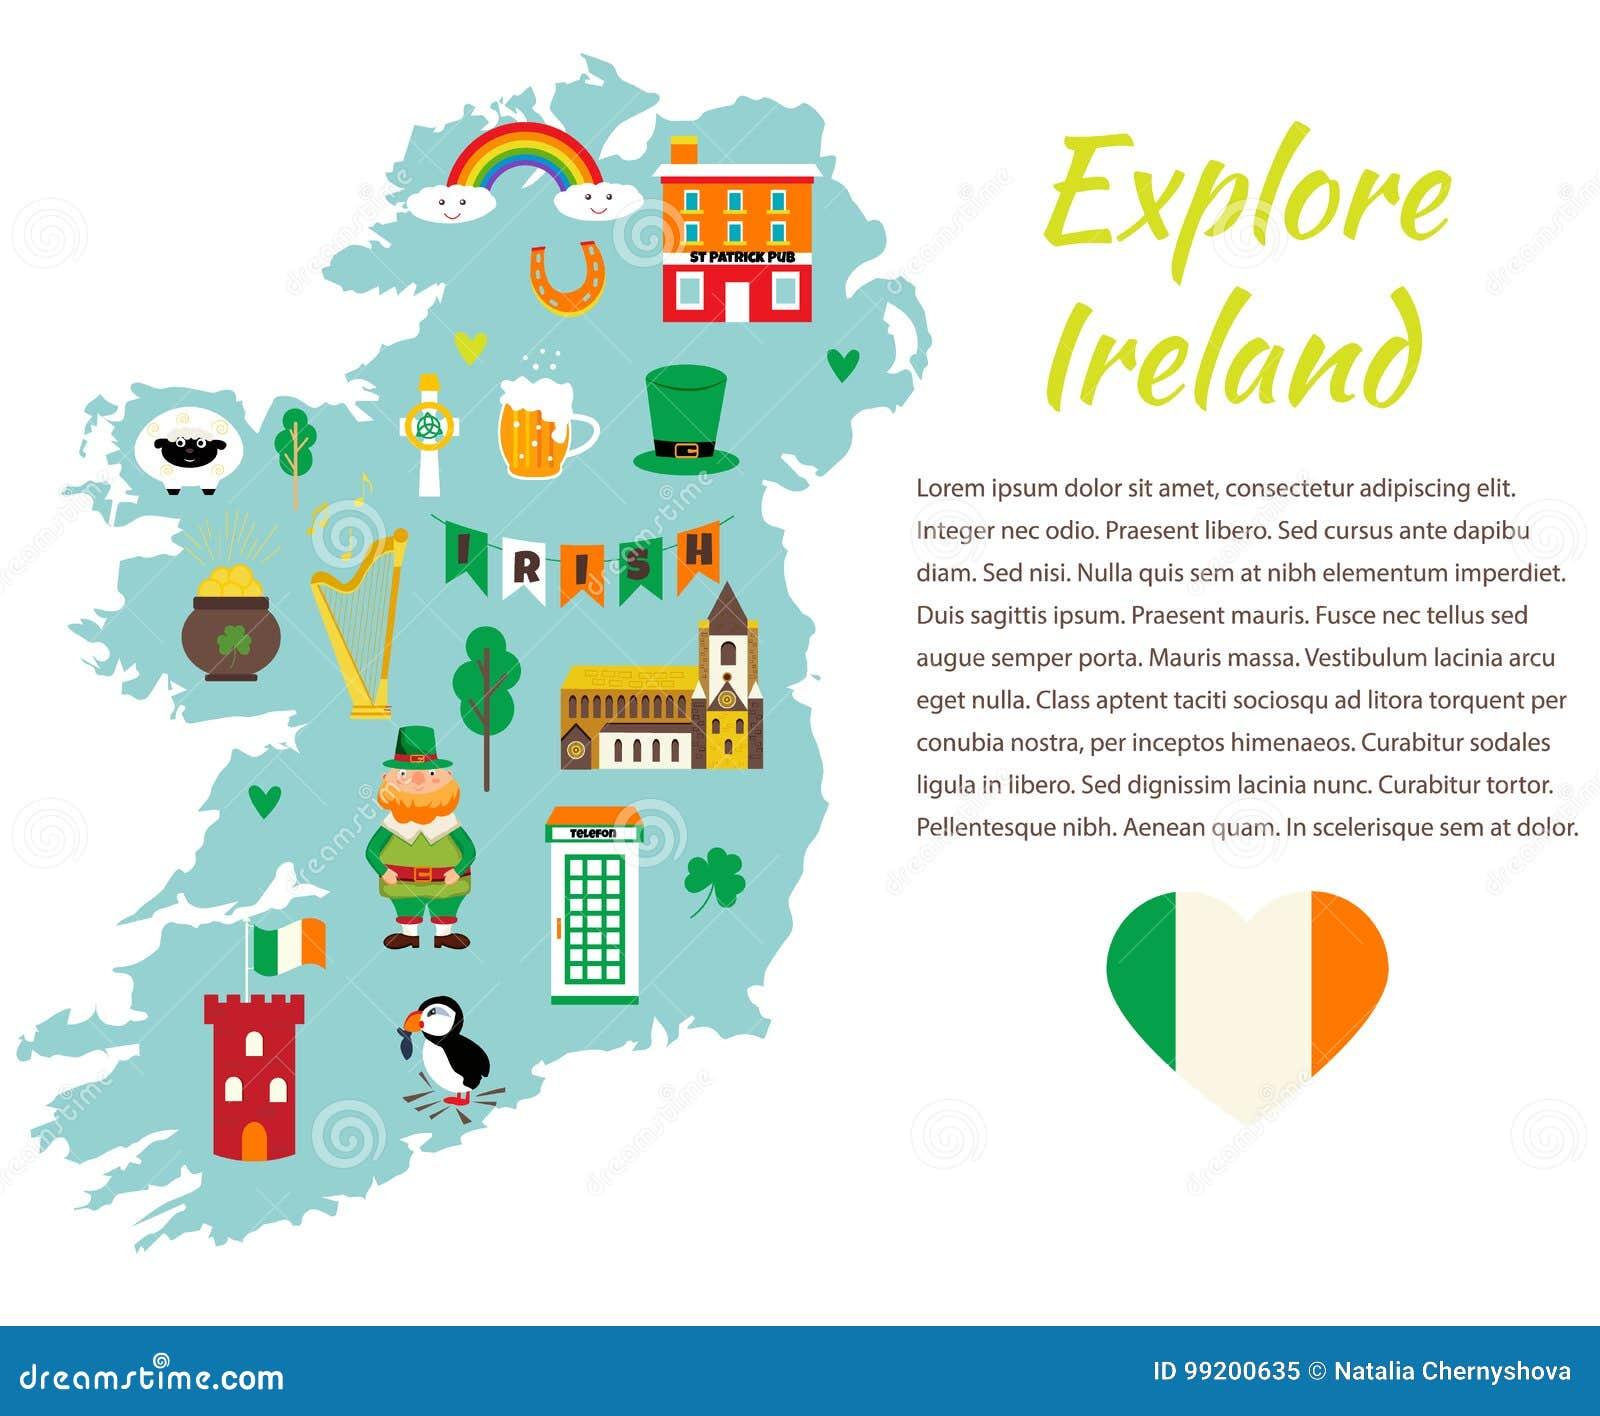 Cartina Turistica Irlanda.Modello Del Fondo Con La Mappa Turistica Dell Irlanda Con I Punti Di Riferimento I Simboli Ed Il Testo Illustrazione Vettoriale Illustrazione Di Architettura Programma 99200635